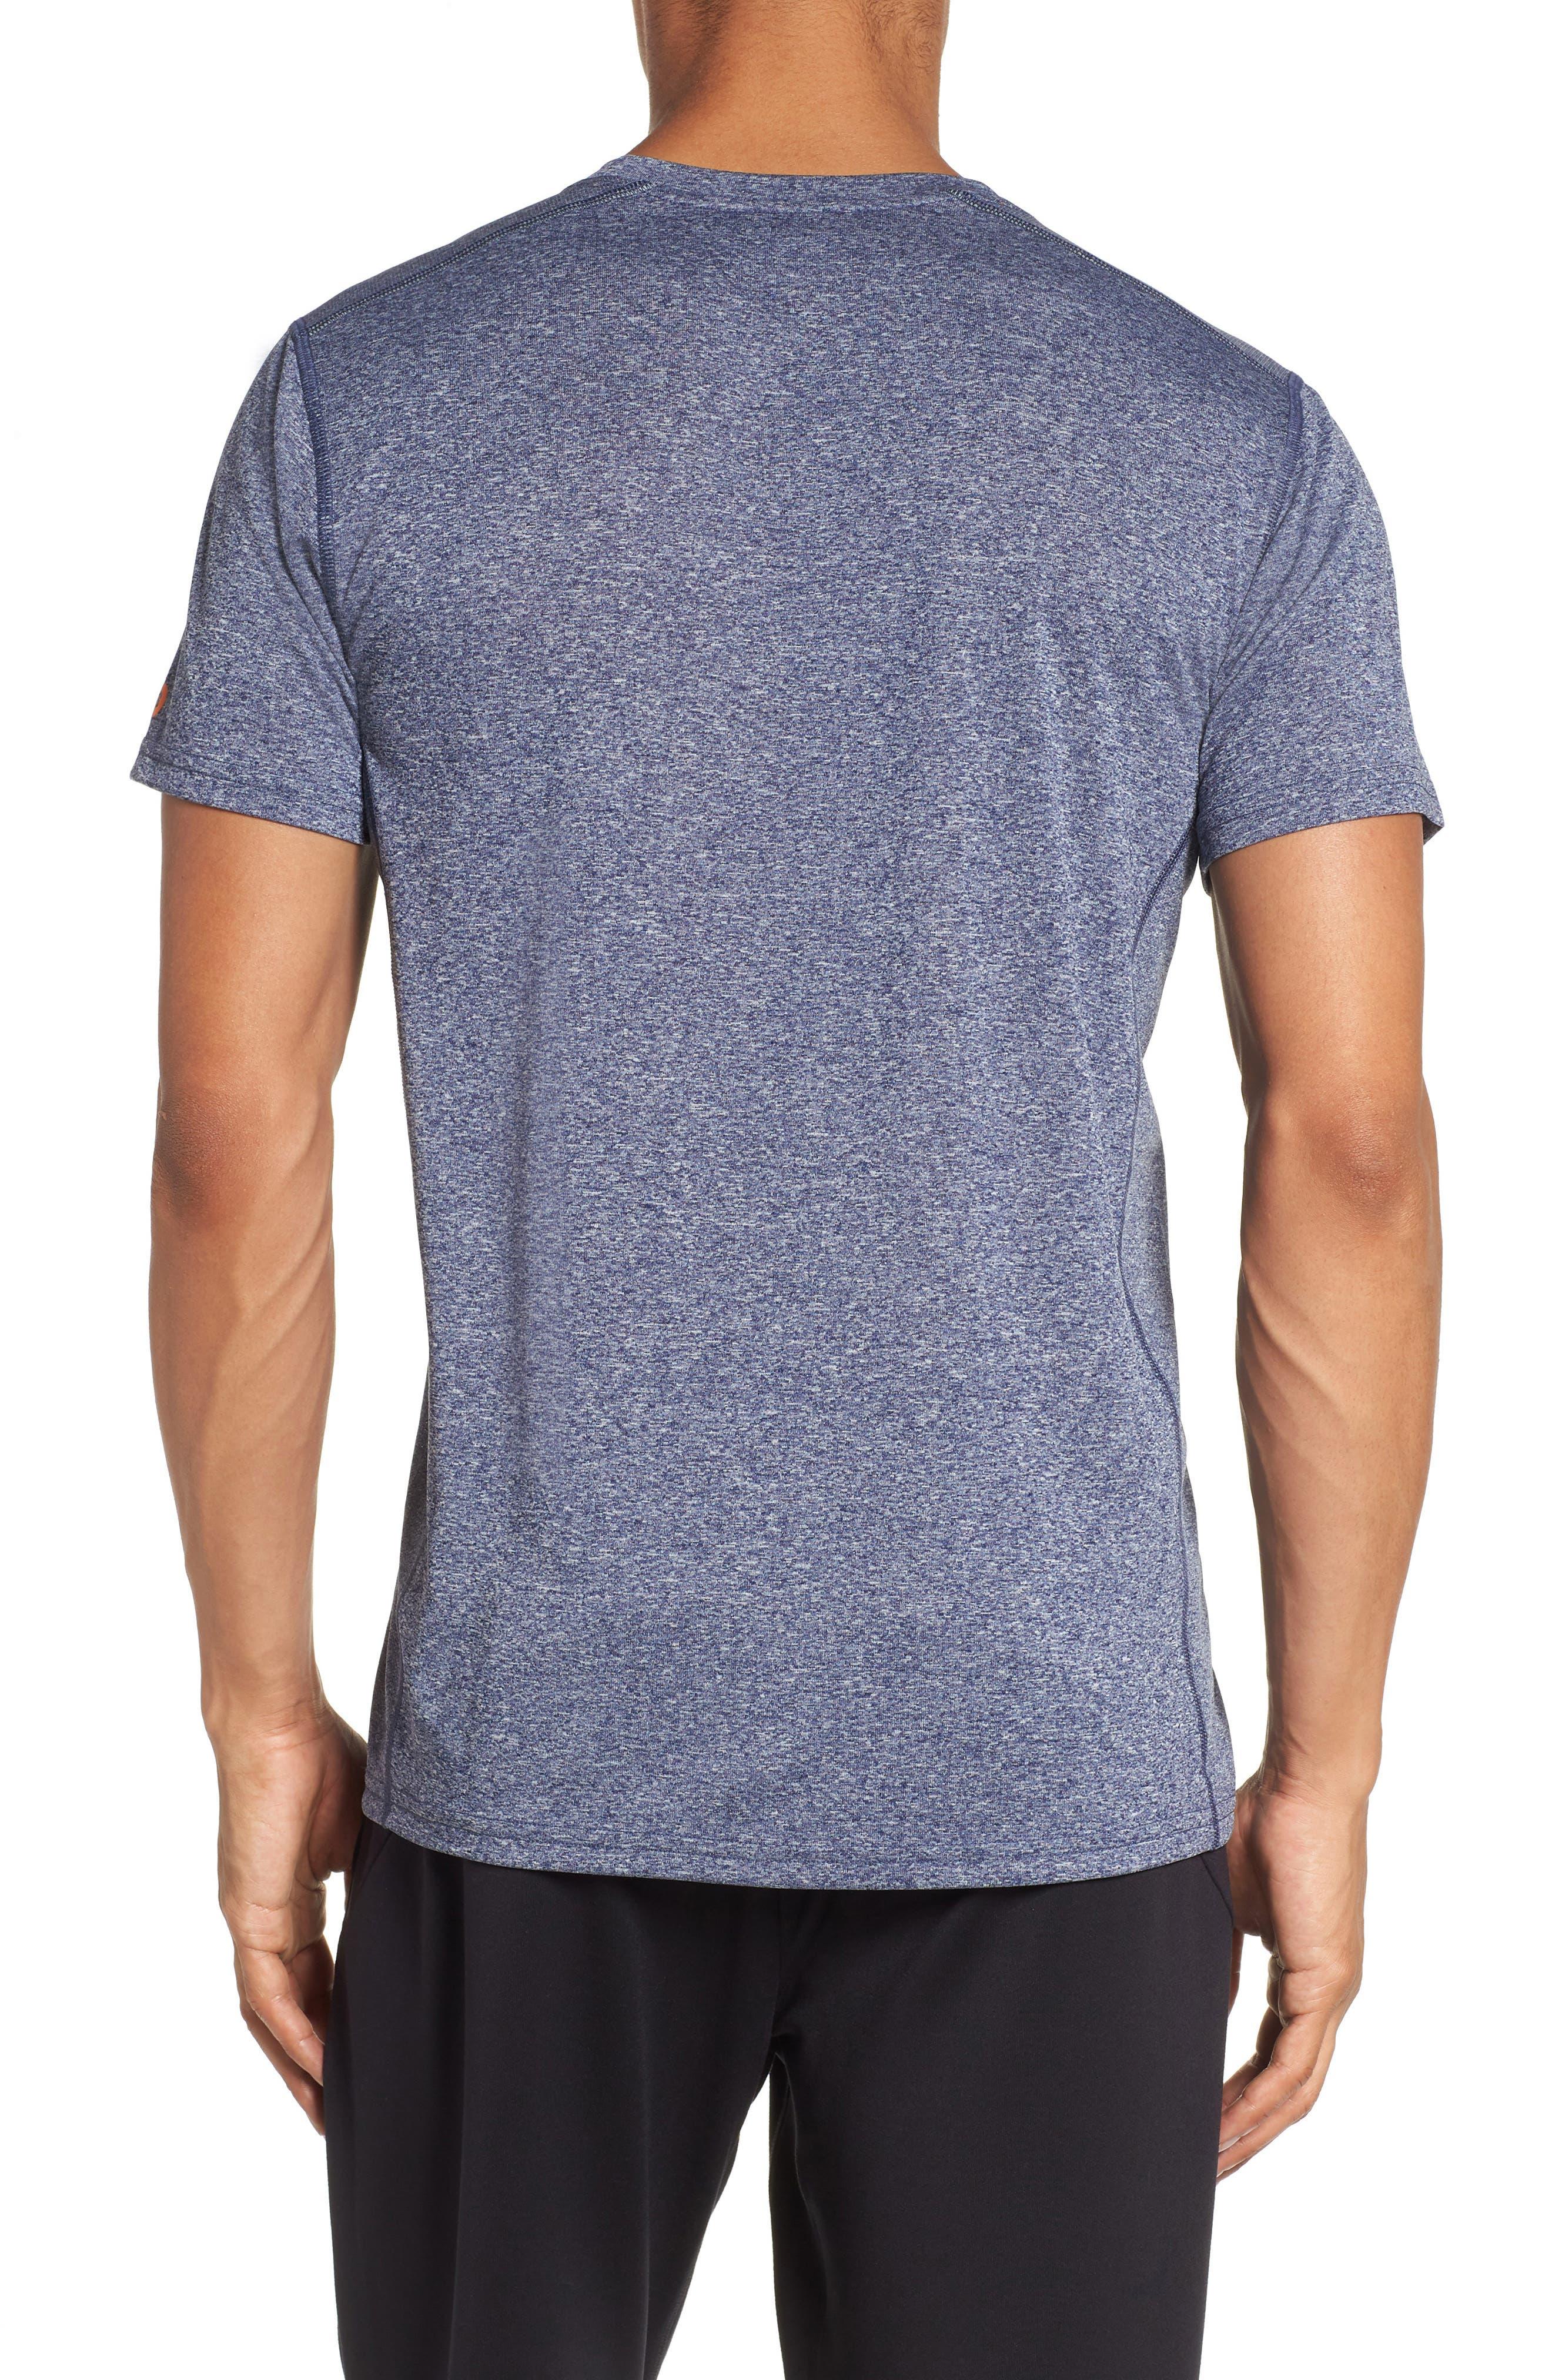 Goodsport Mesh Panel T-Shirt,                             Alternate thumbnail 11, color,